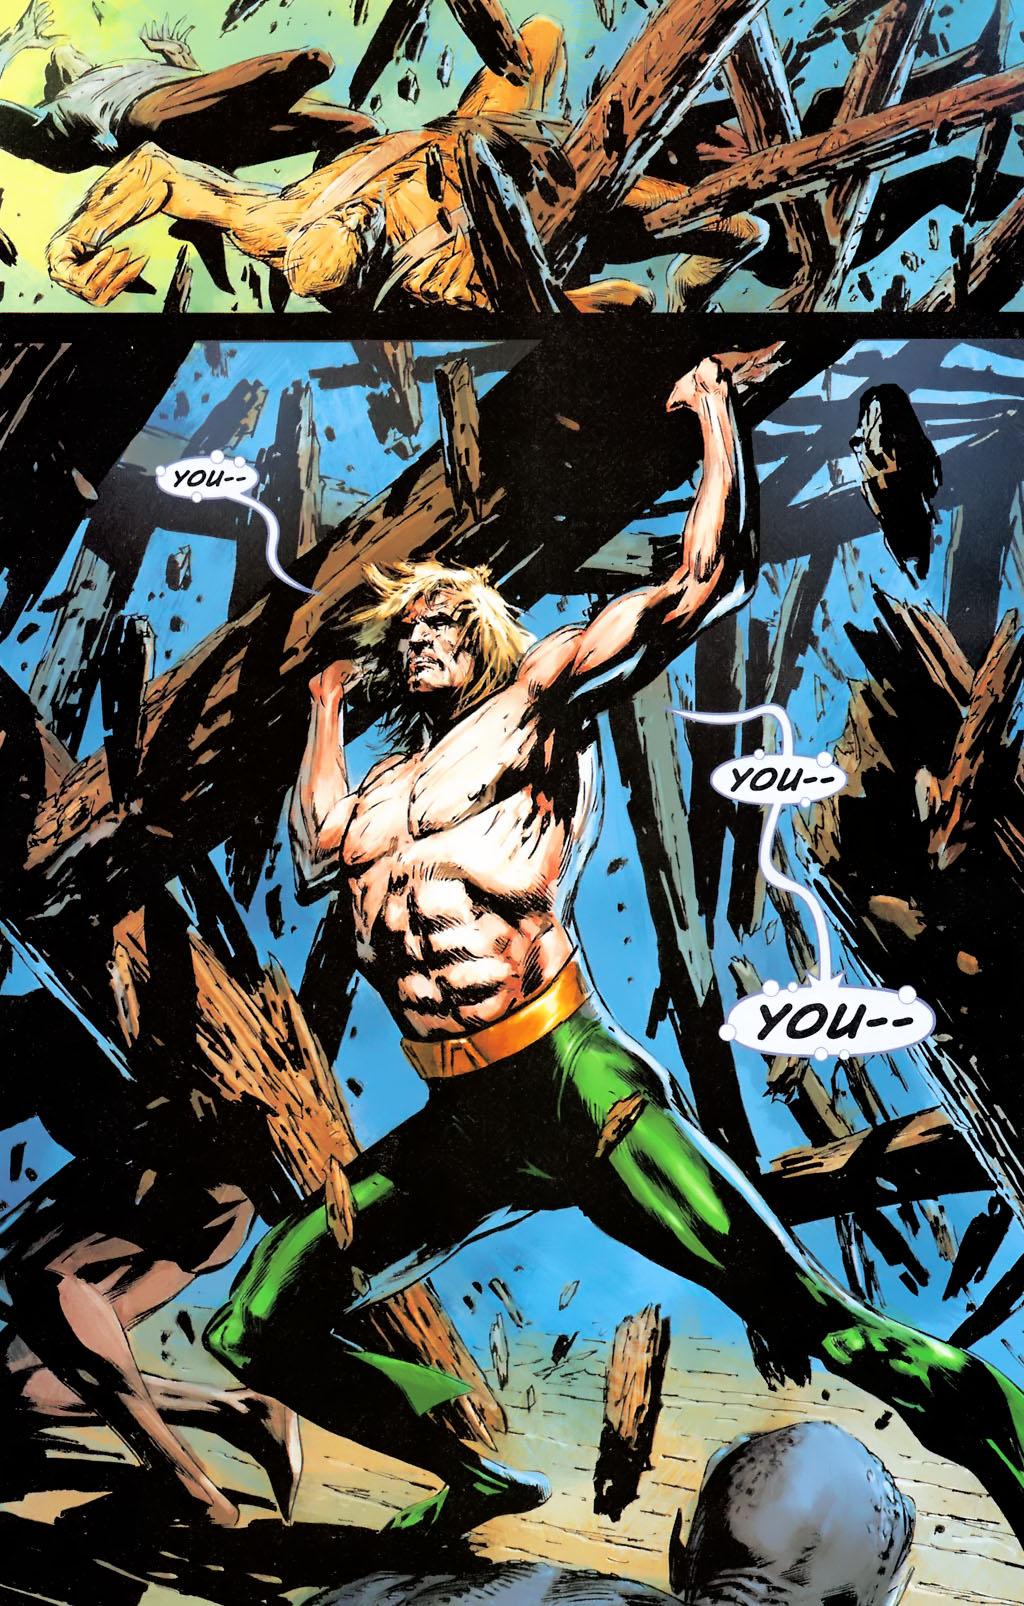 Read online Aquaman: Sword of Atlantis comic -  Issue #42 - 10